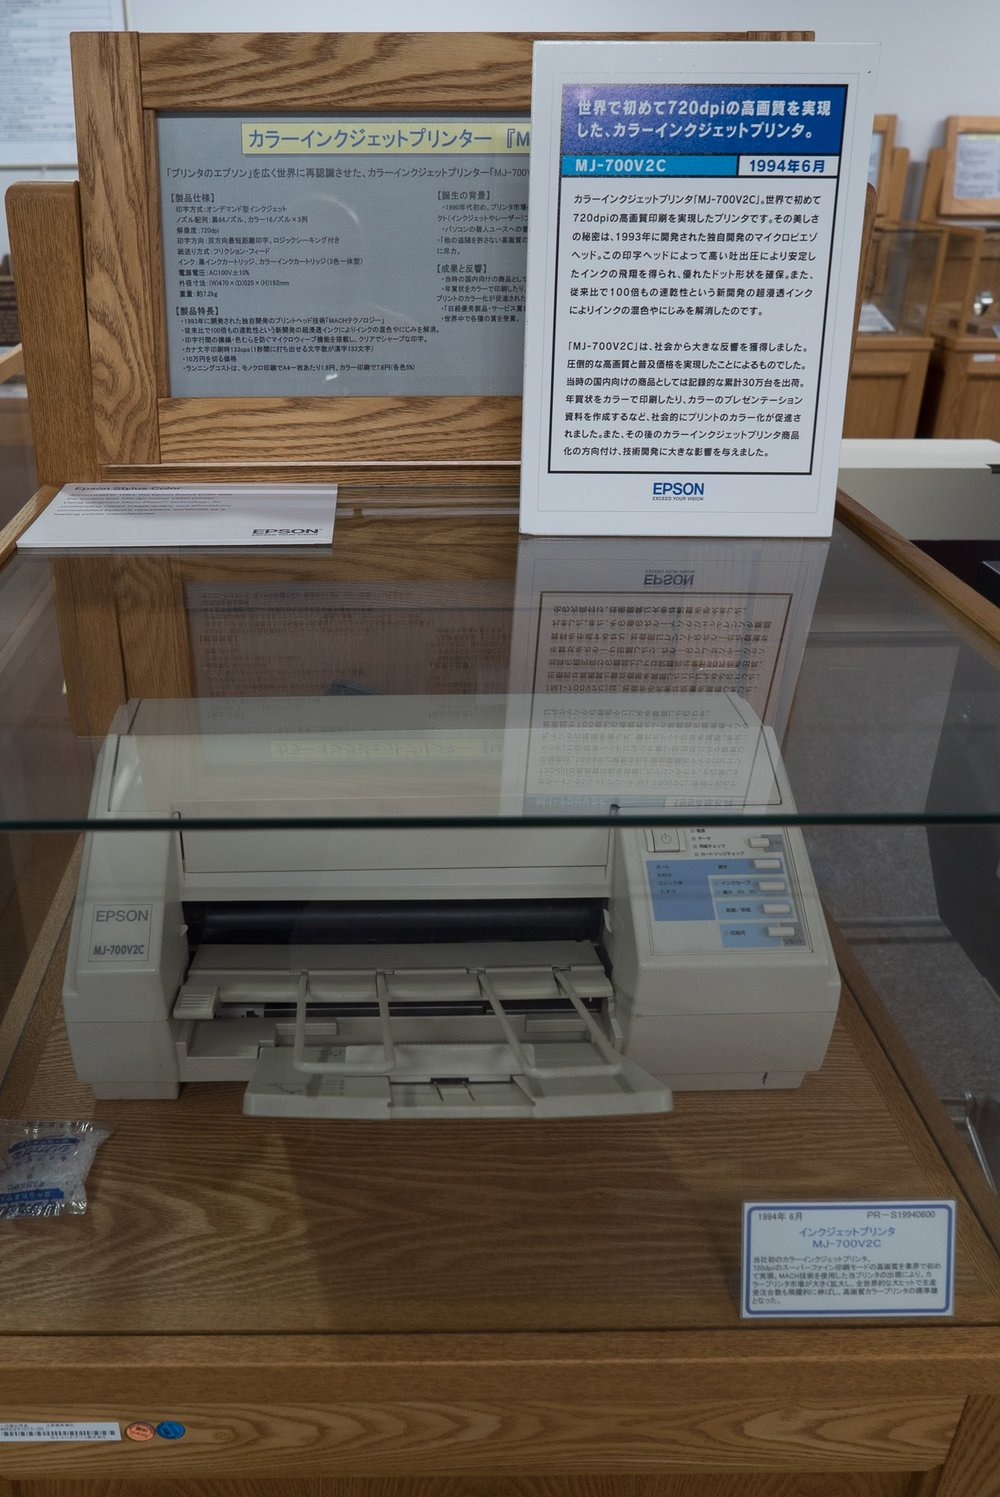 MJ-700V2C Inkjet